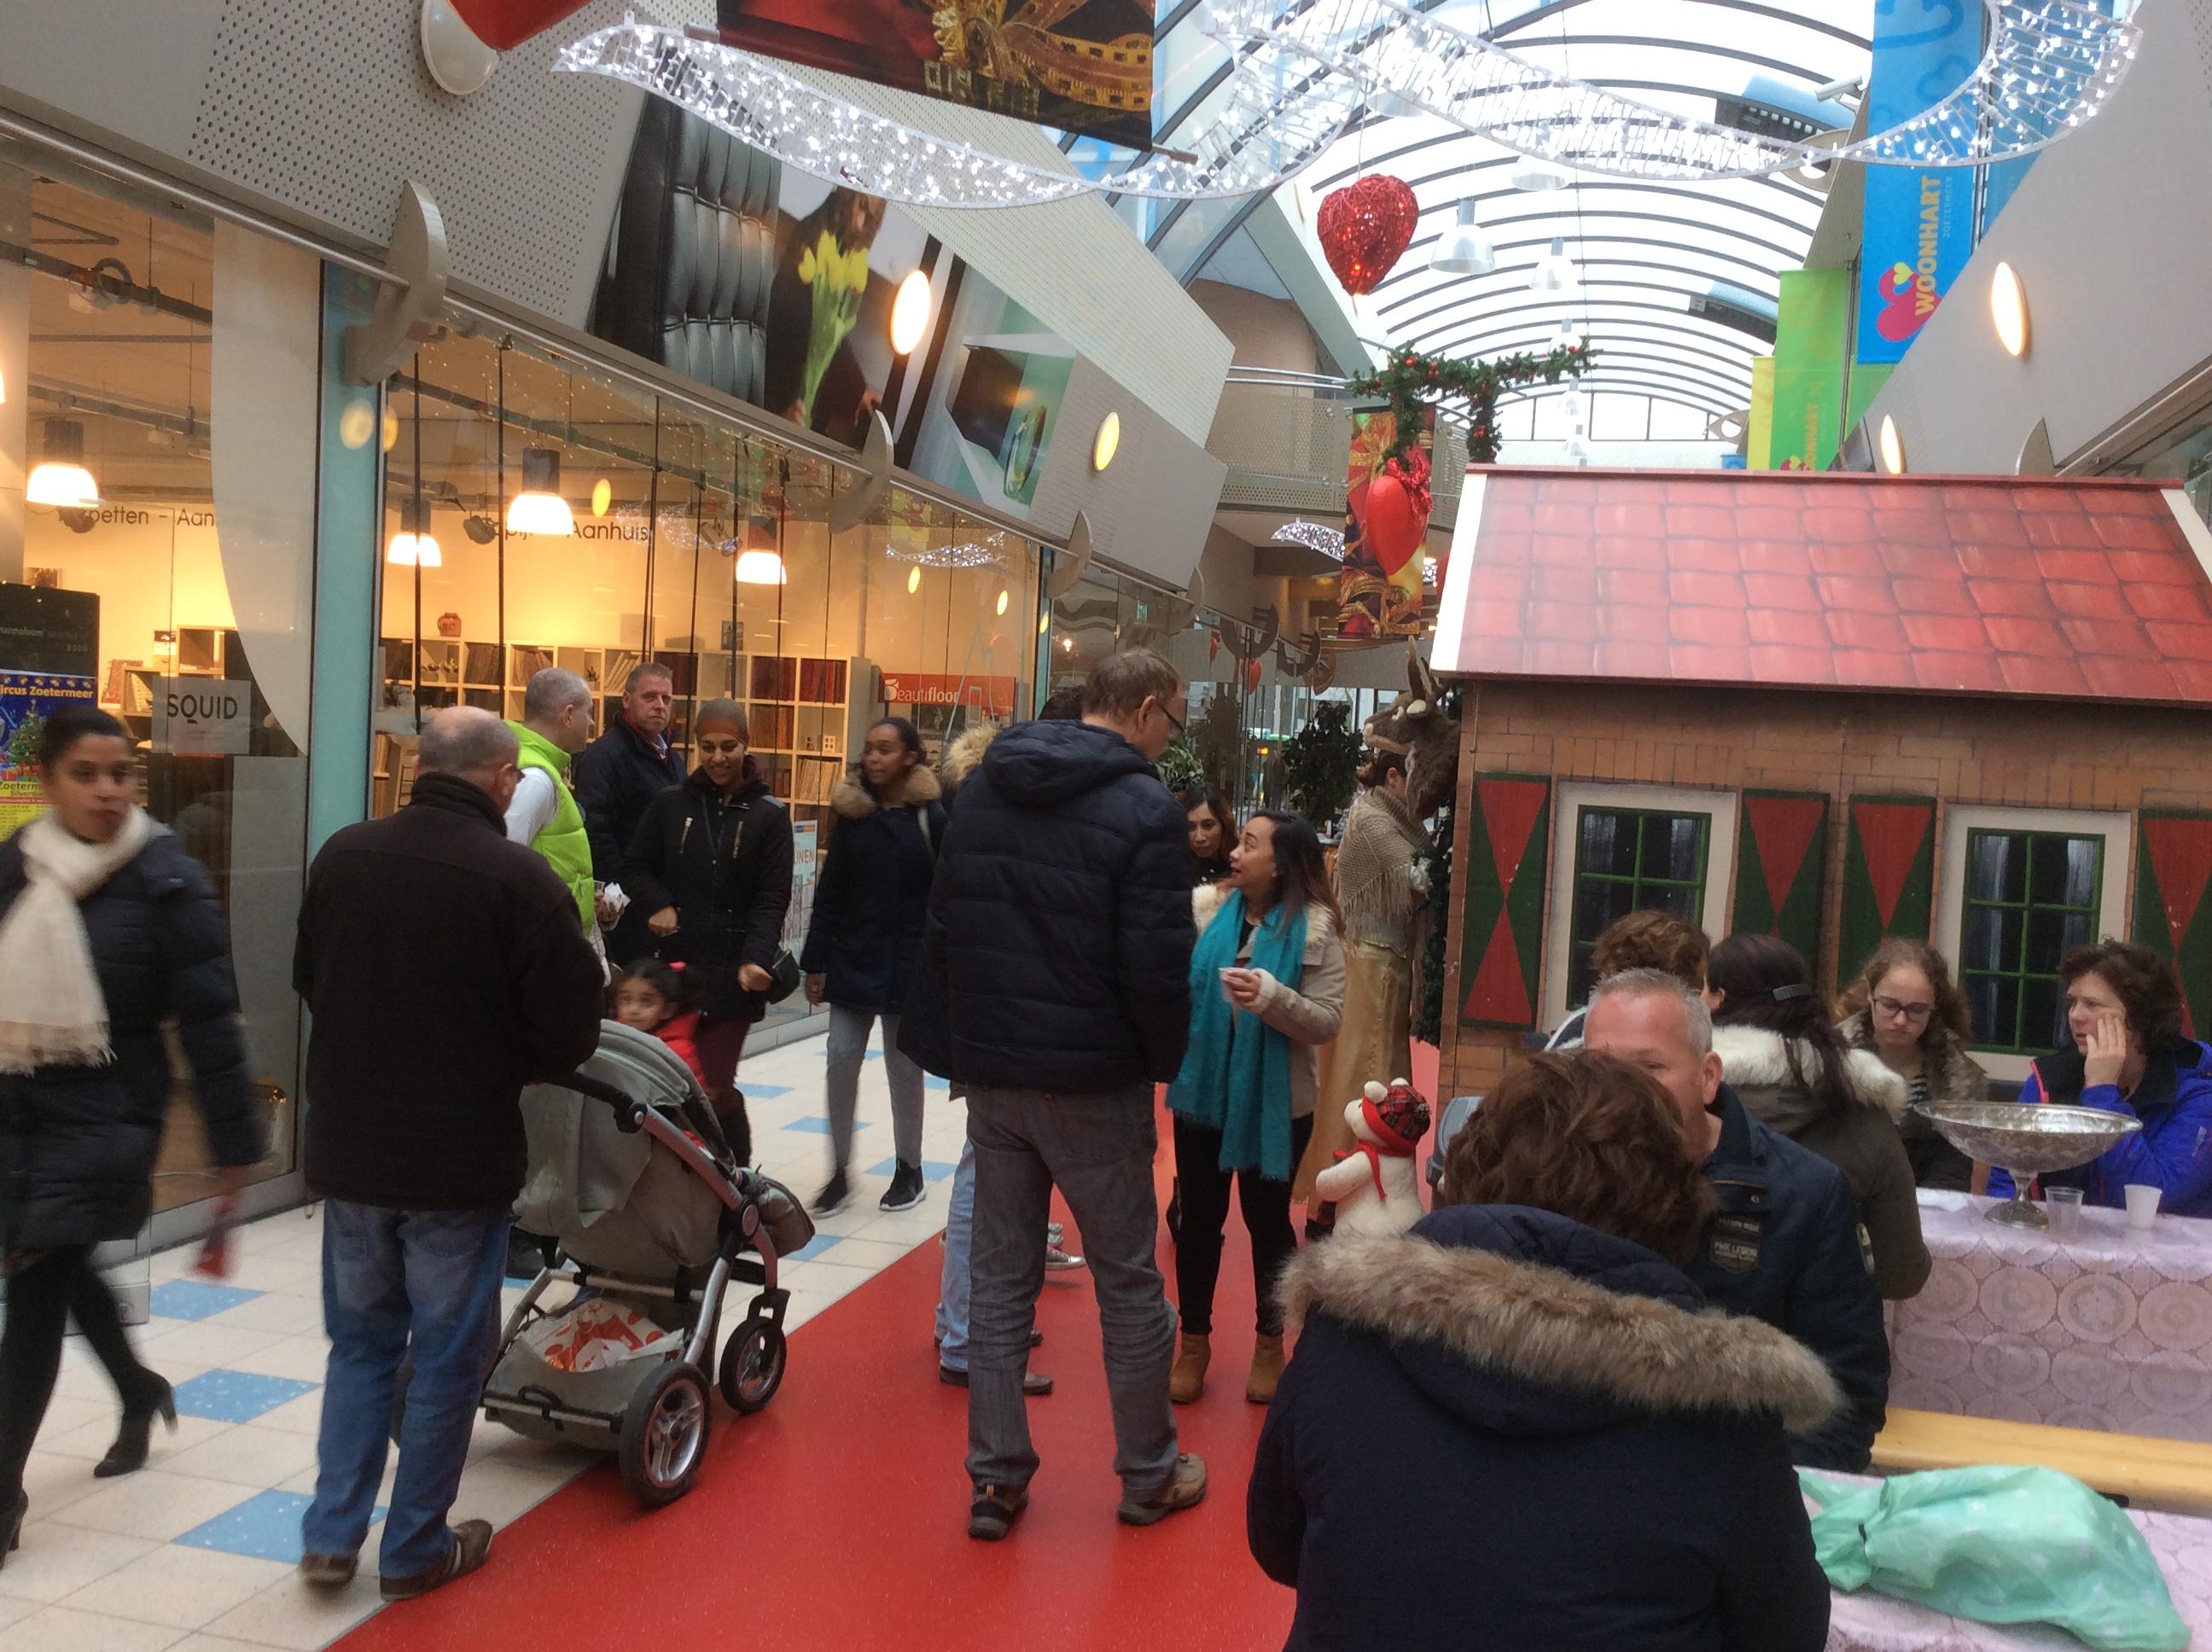 Woonwinkelen met extra's in  WOONHART Zoetermeer!